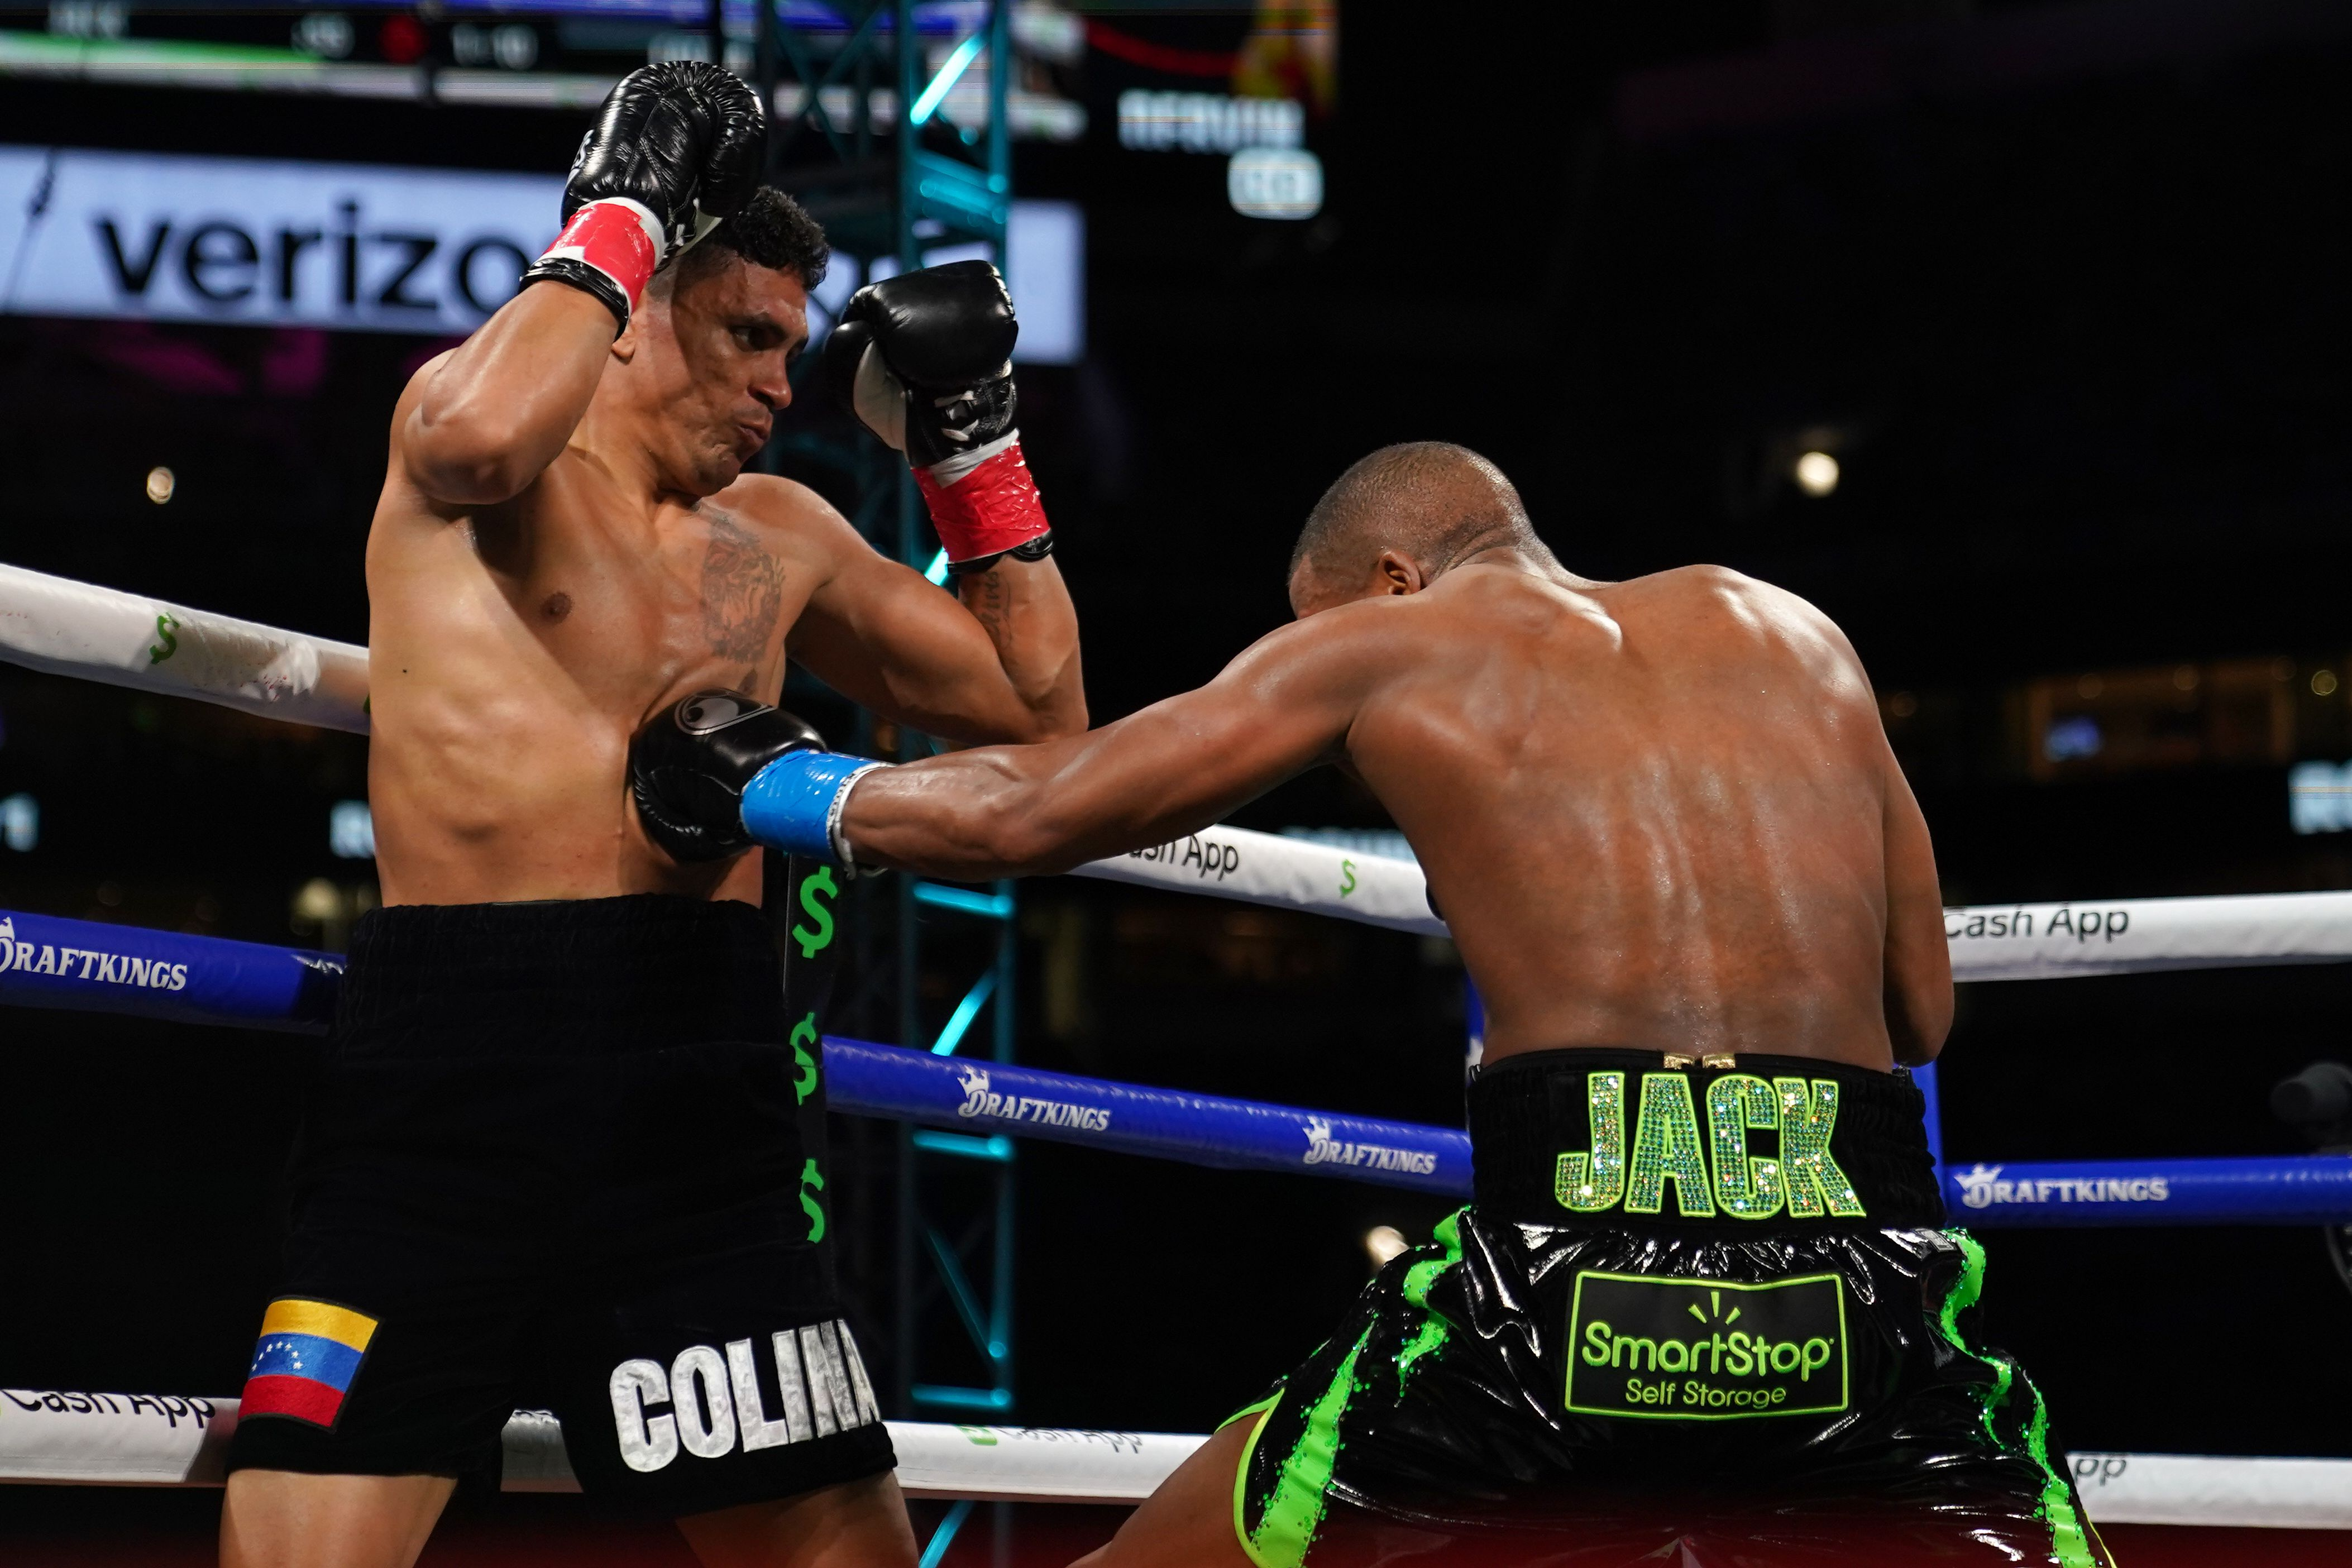 Badou Jack conecta uno de sus golpes a la zona blanda de Dervin Colina, que perdió por KO técnico en el cuarto asalto (Mandatory Credit: Jasen Vinlove-USA TODAY Sports)